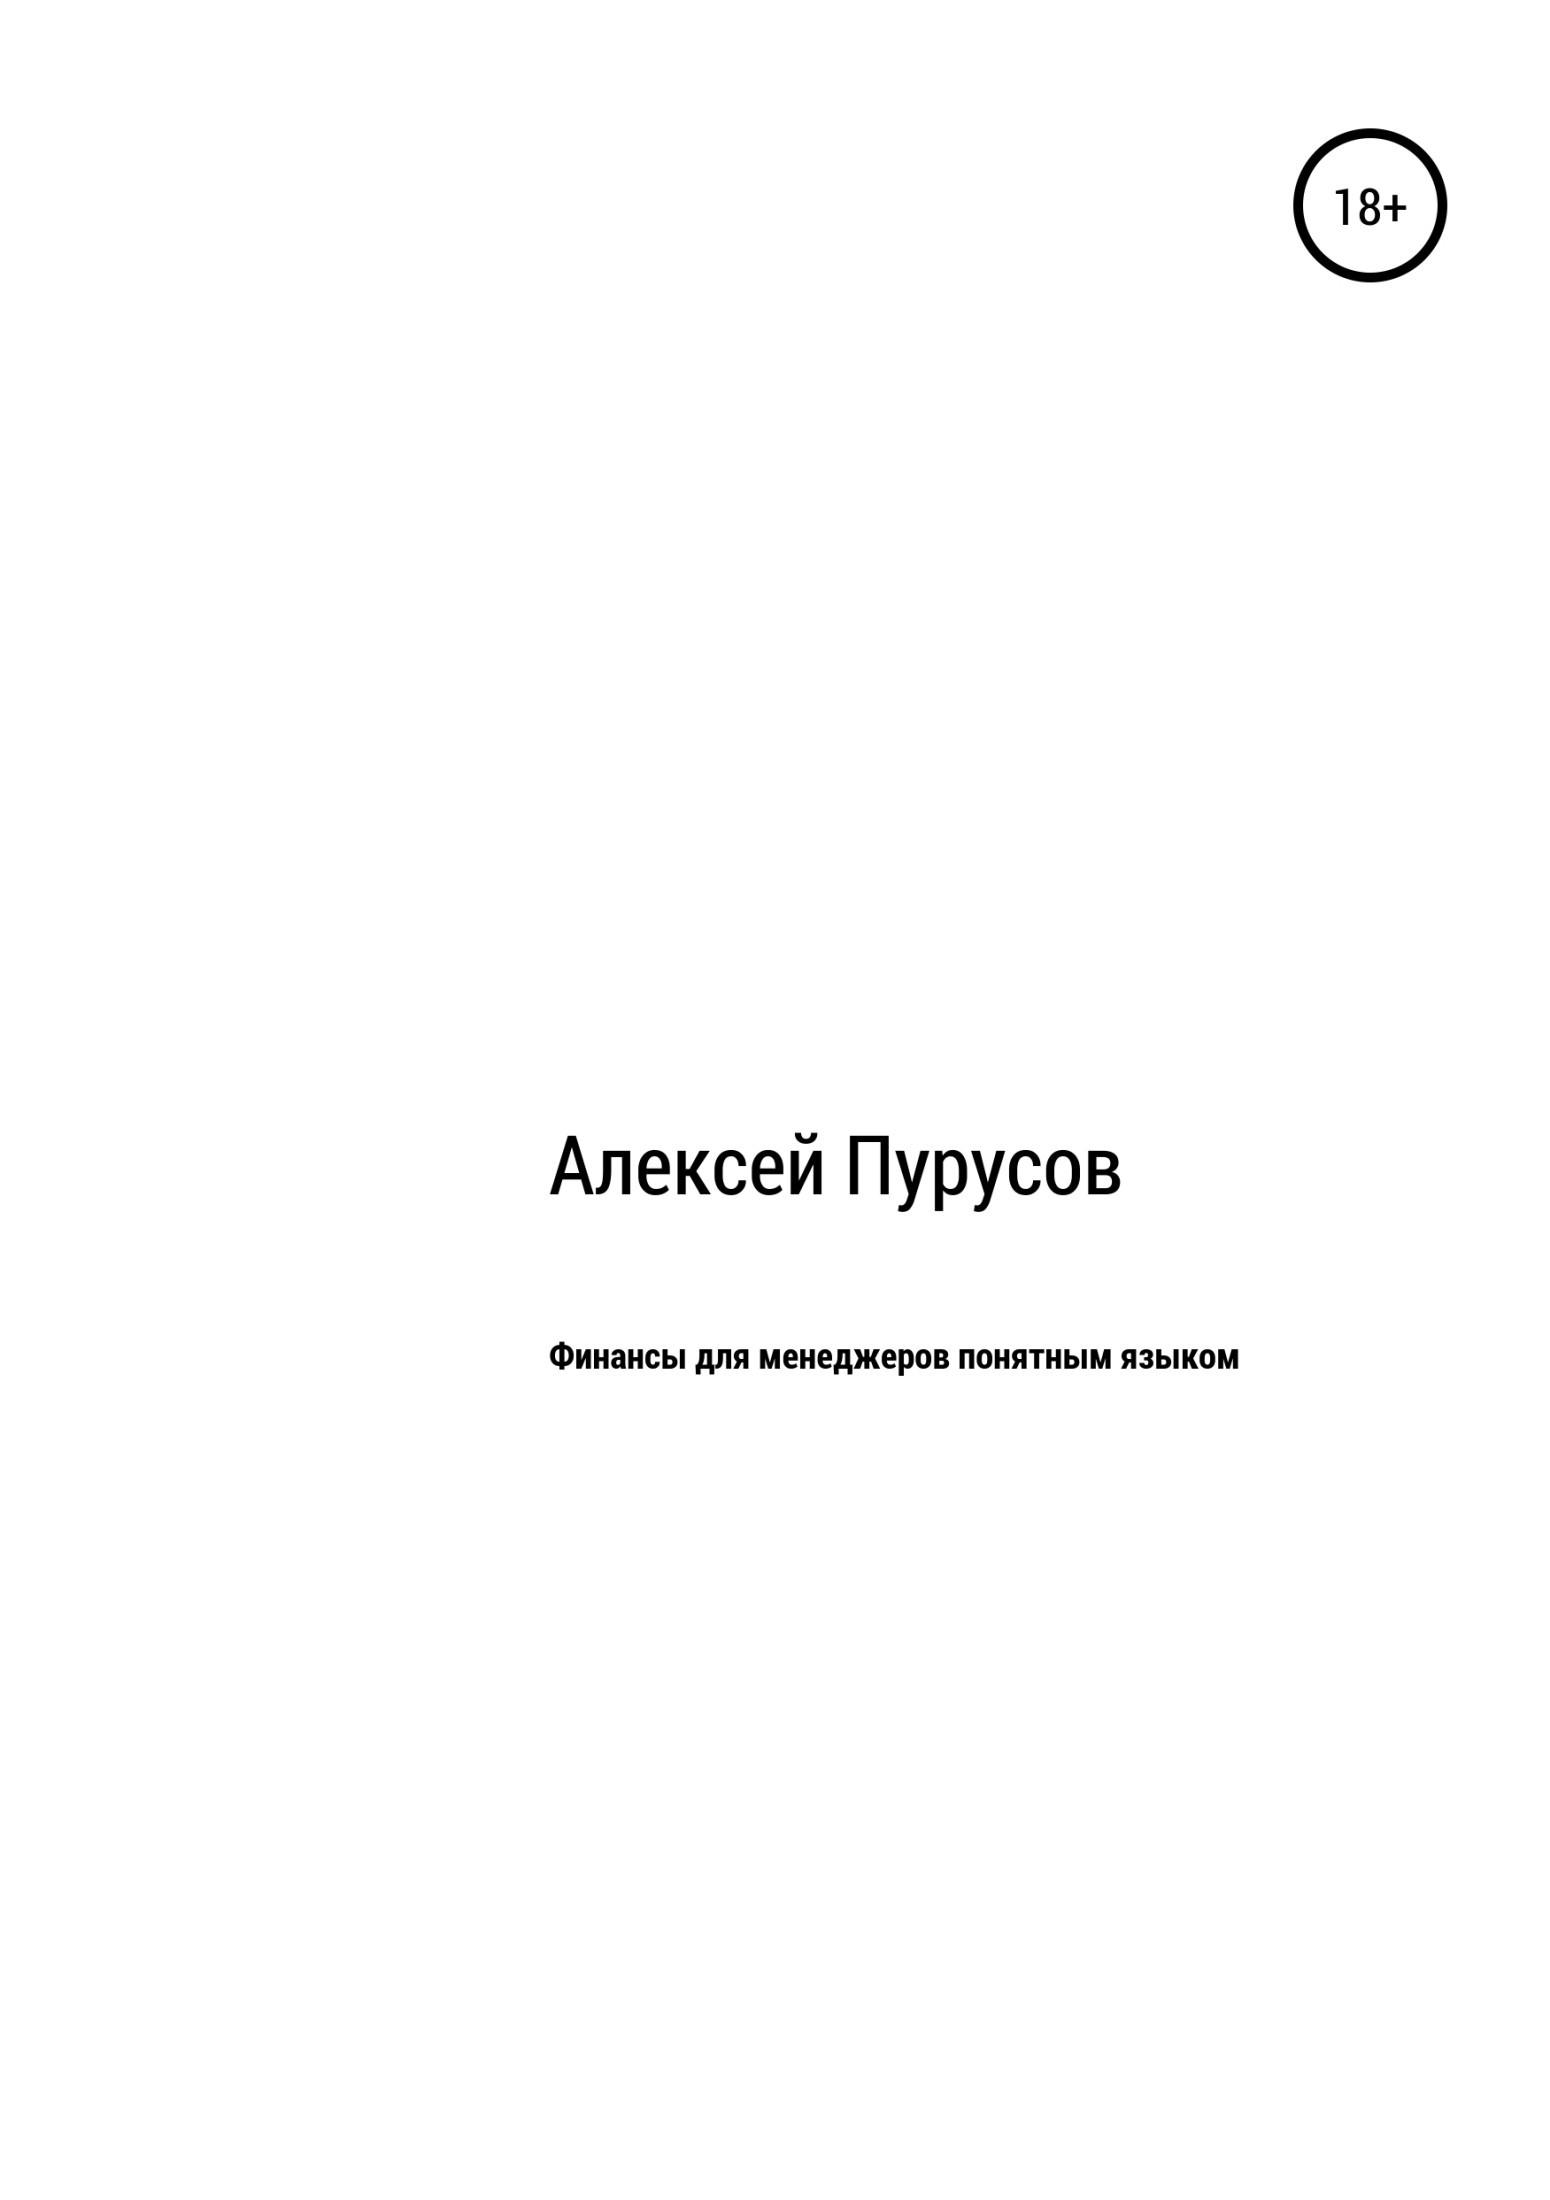 Обложка книги. Автор - Алексей Пурусов